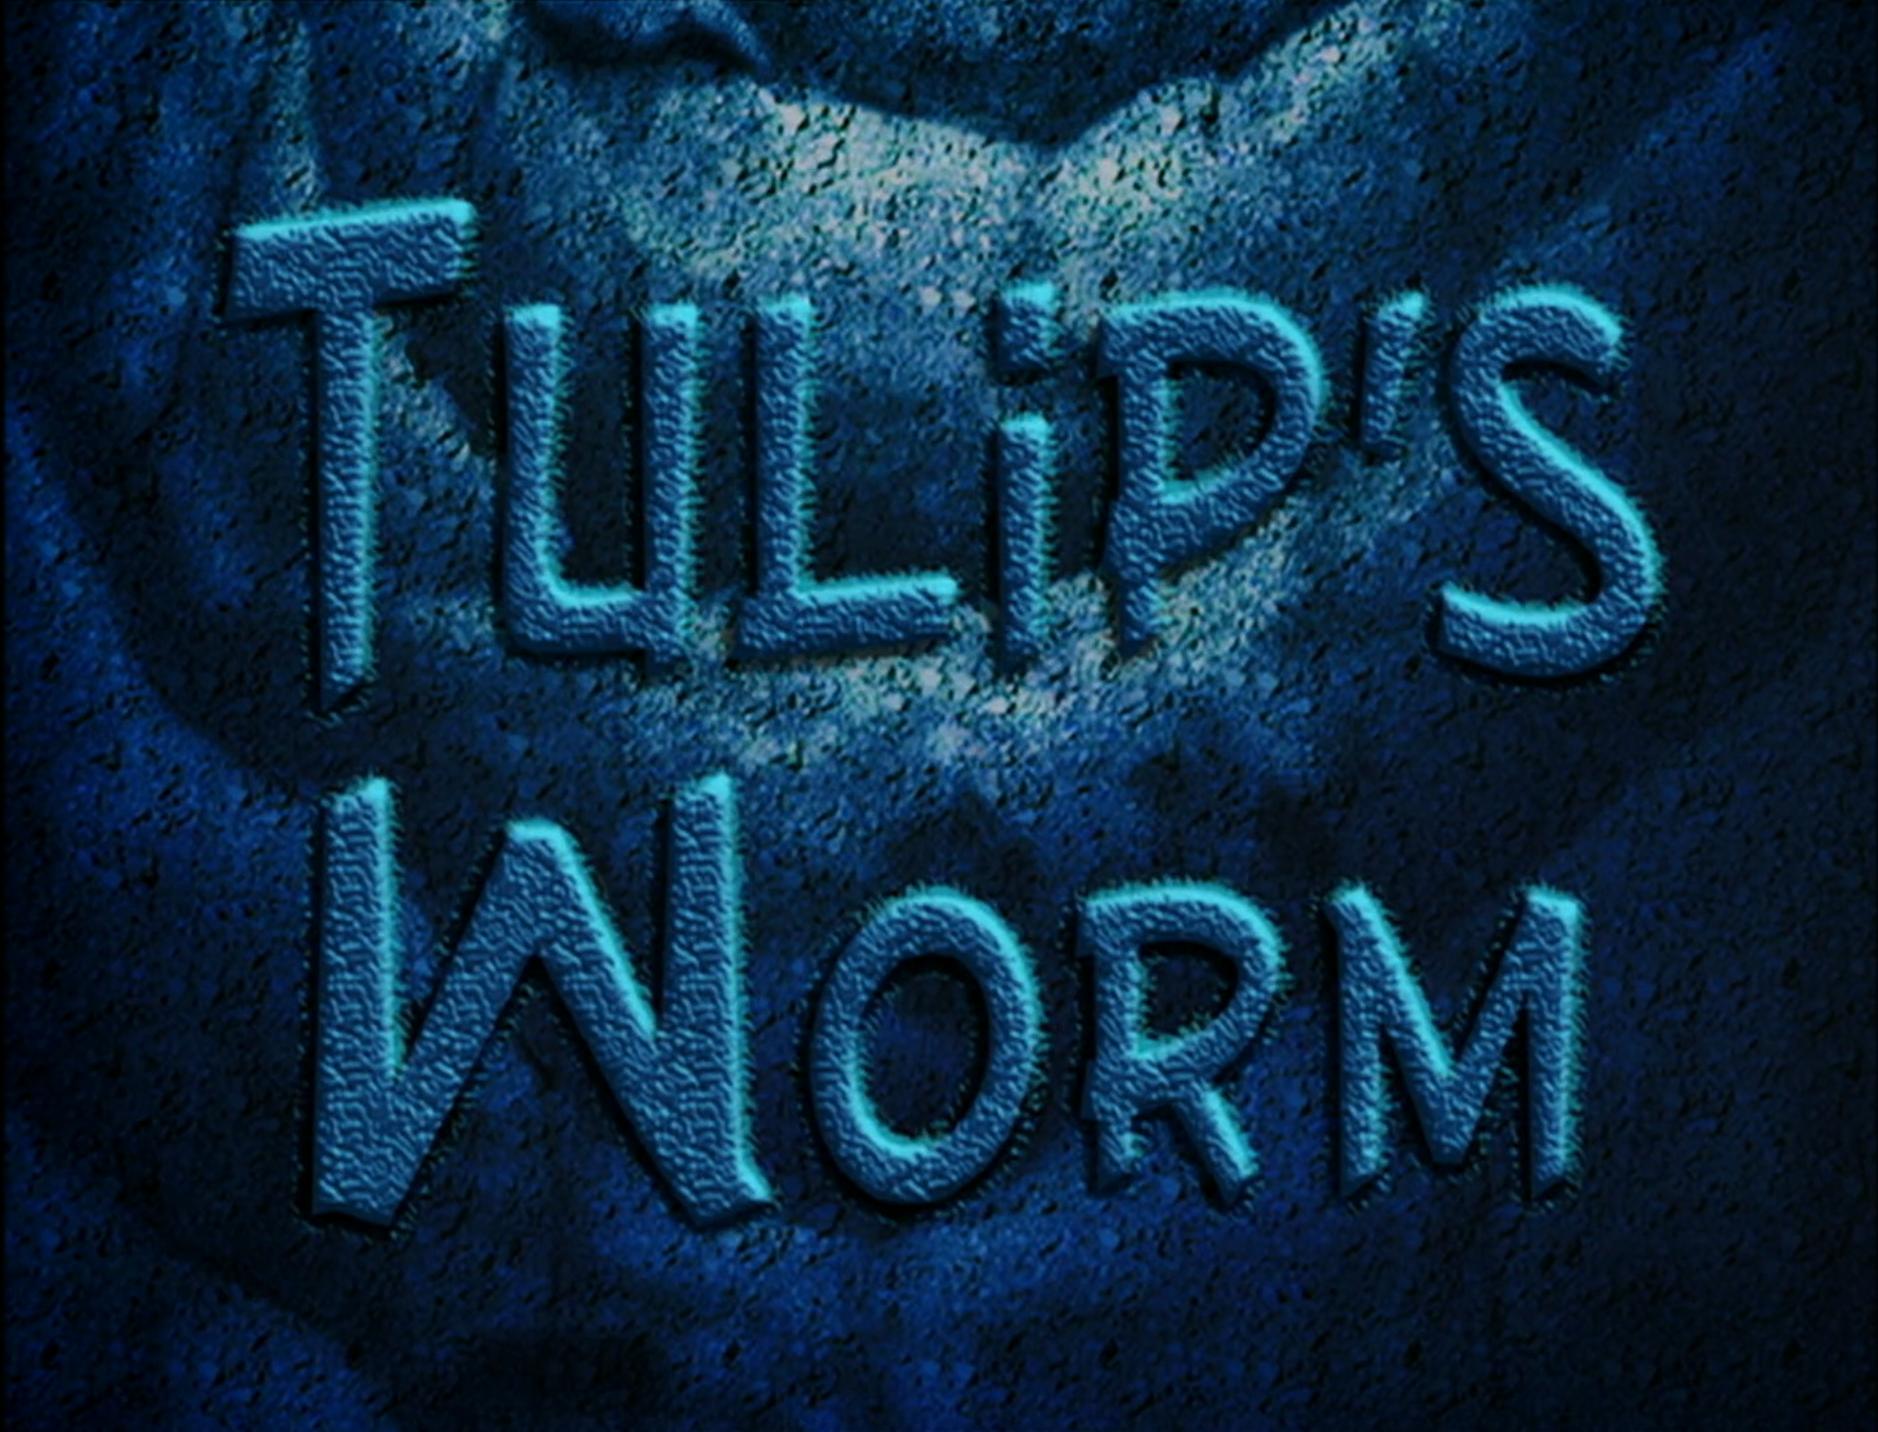 Tulip's Worm